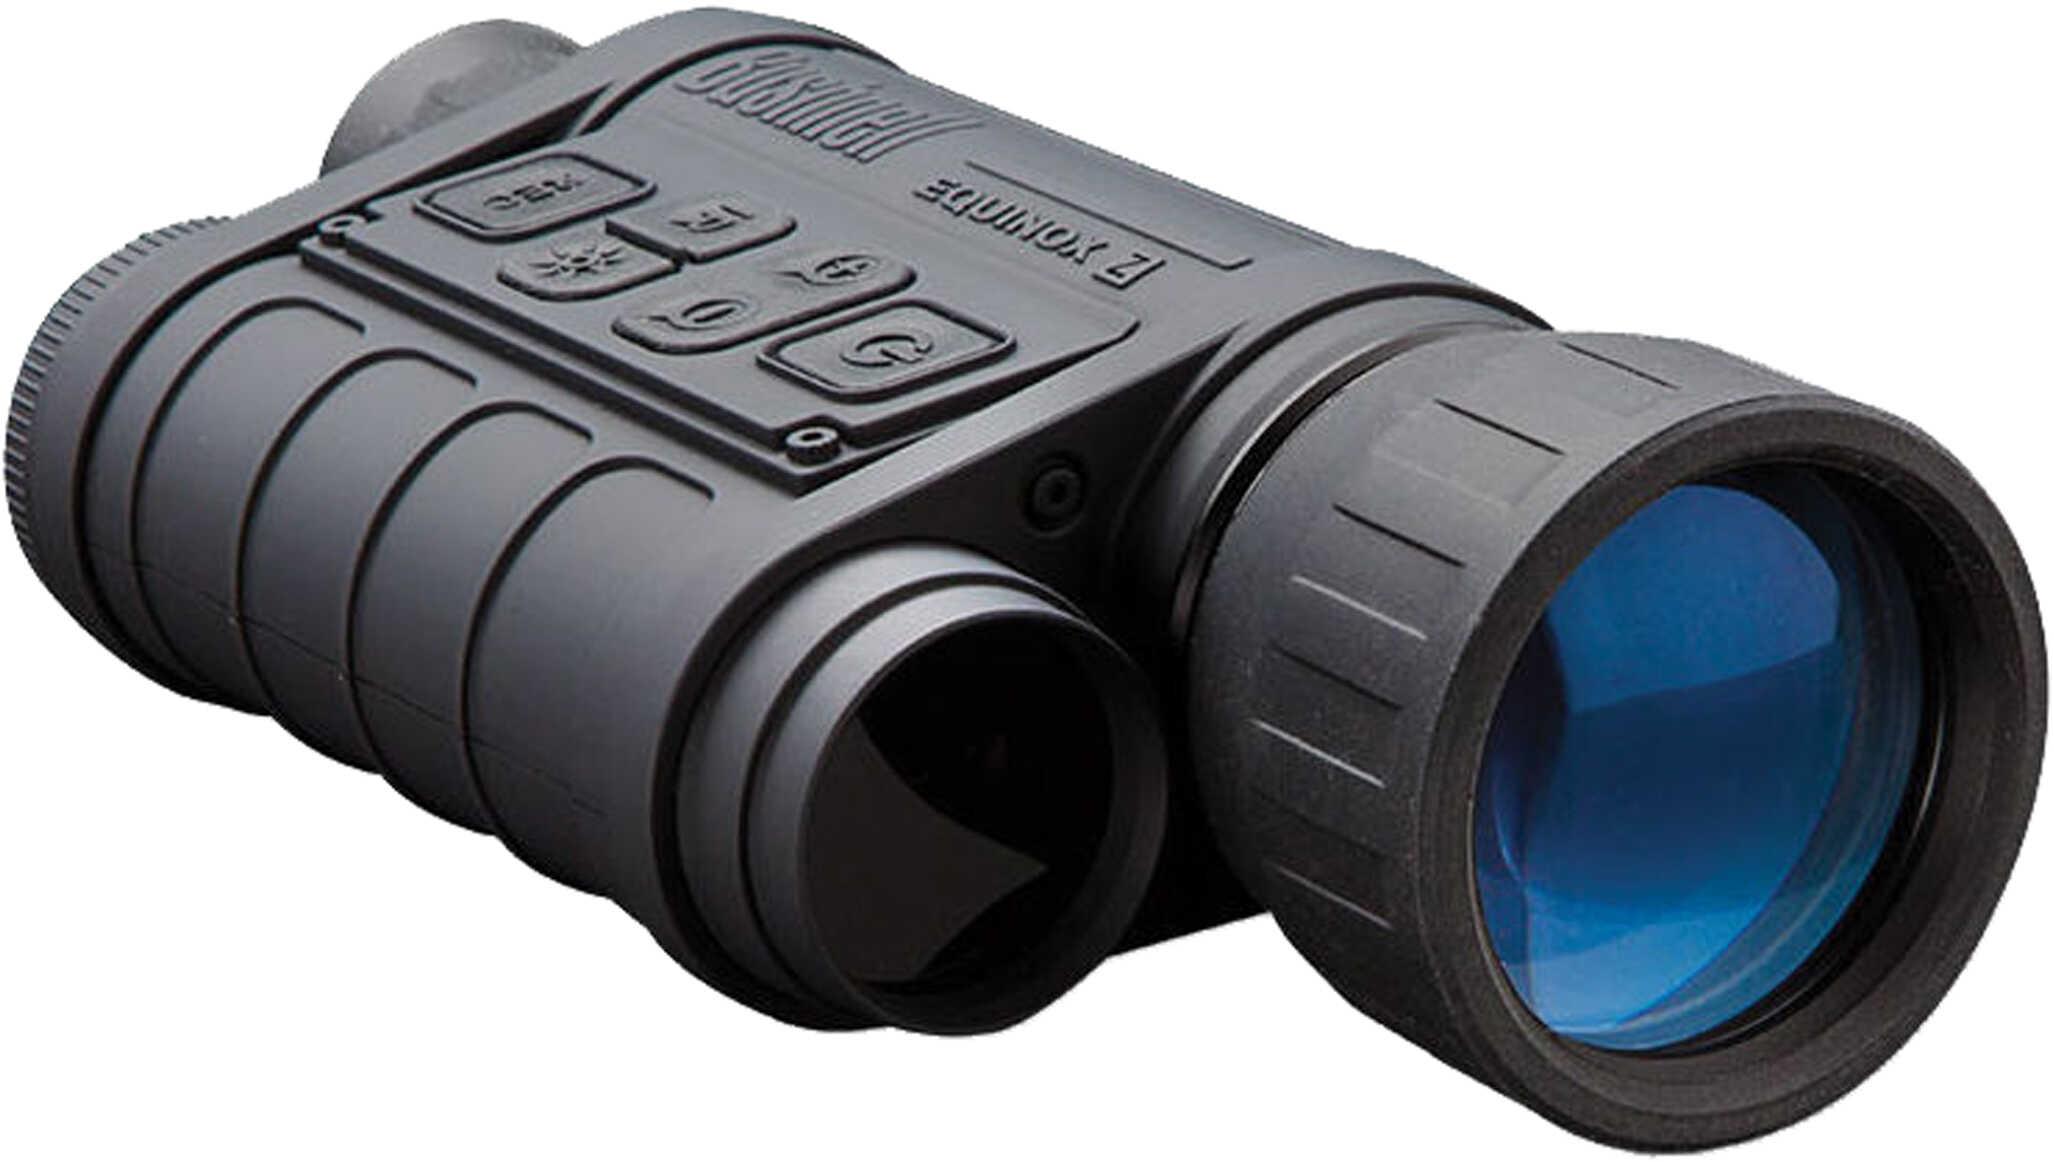 Bushnell Night Vision 6x50mm Equinox, Digital, Black Md: 260150